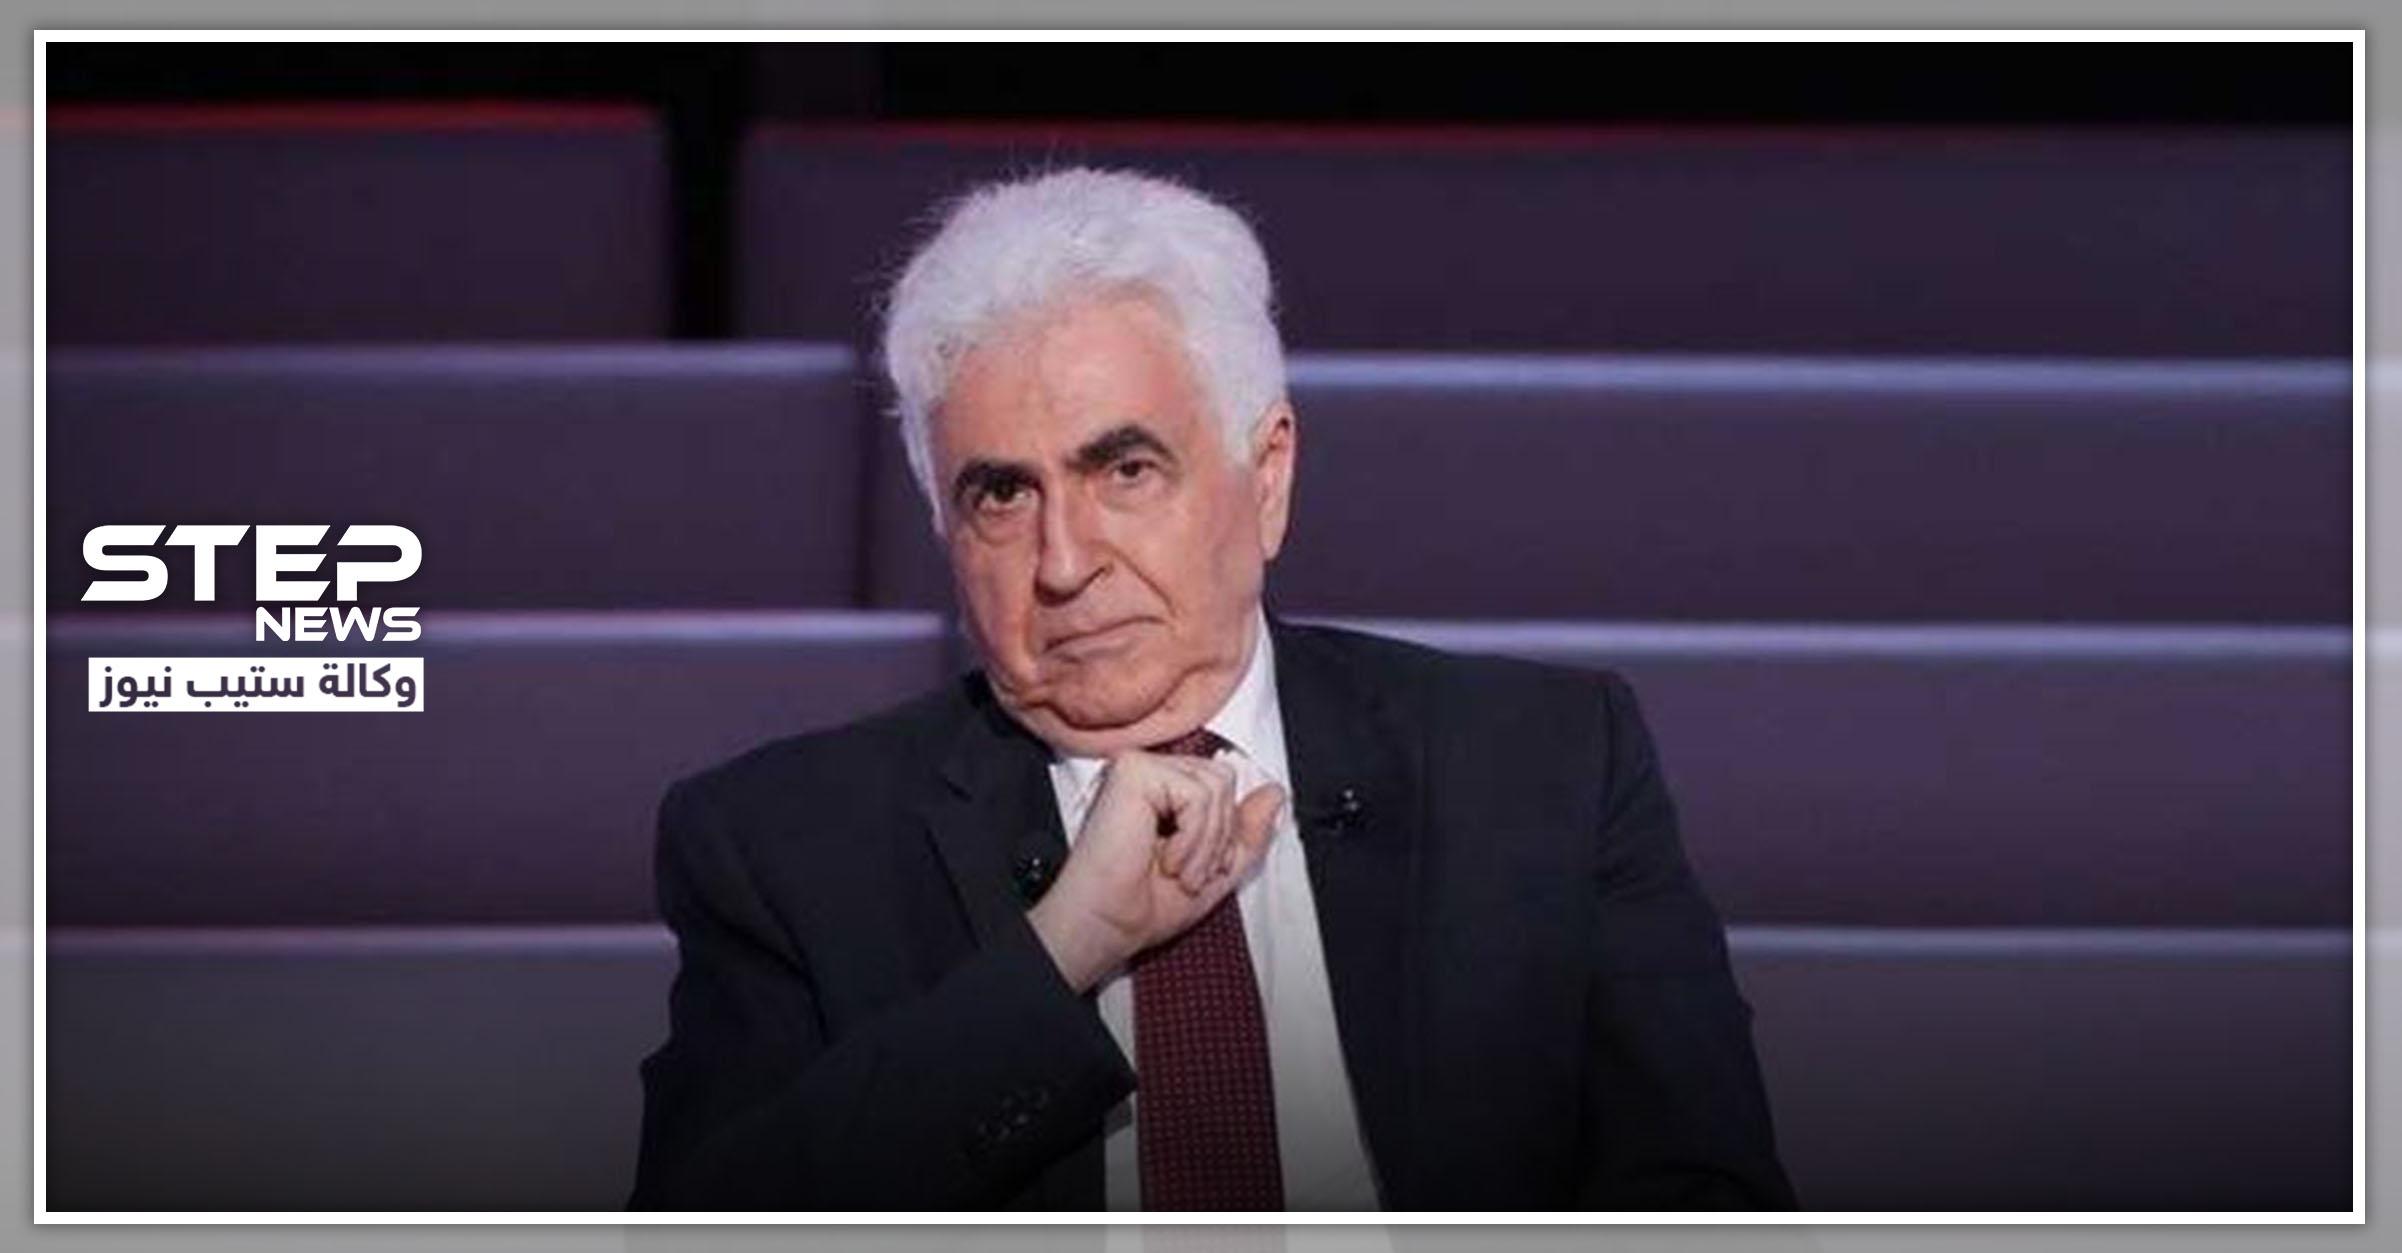 لبنان تسجل أول استقالة حكومية لـ ناصيف حتي وزير الخارجية